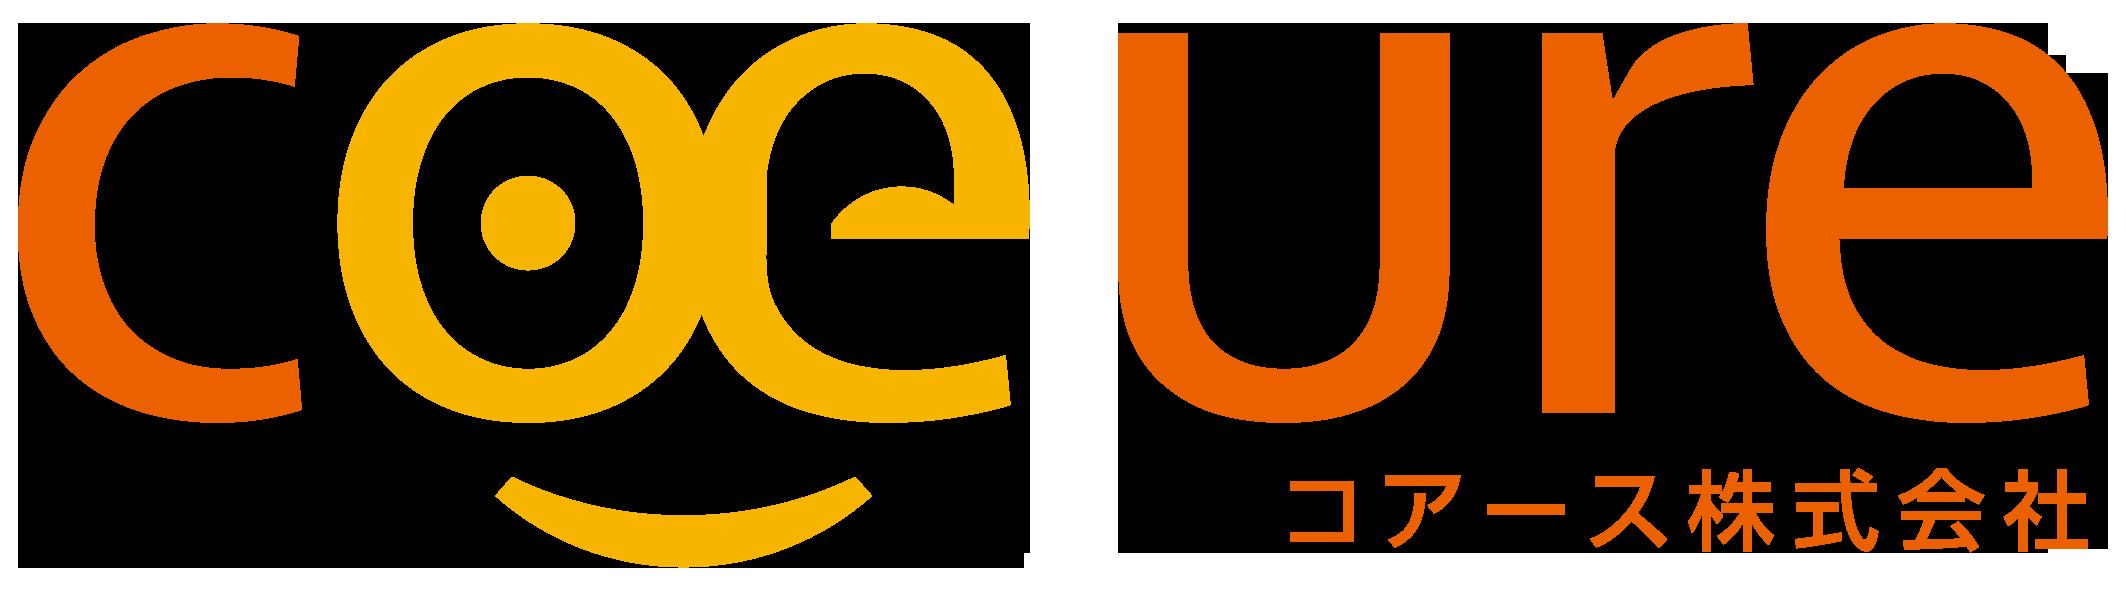 ソフトウェア・プログラム開発と親しみ/優しいとオレンジのロゴ